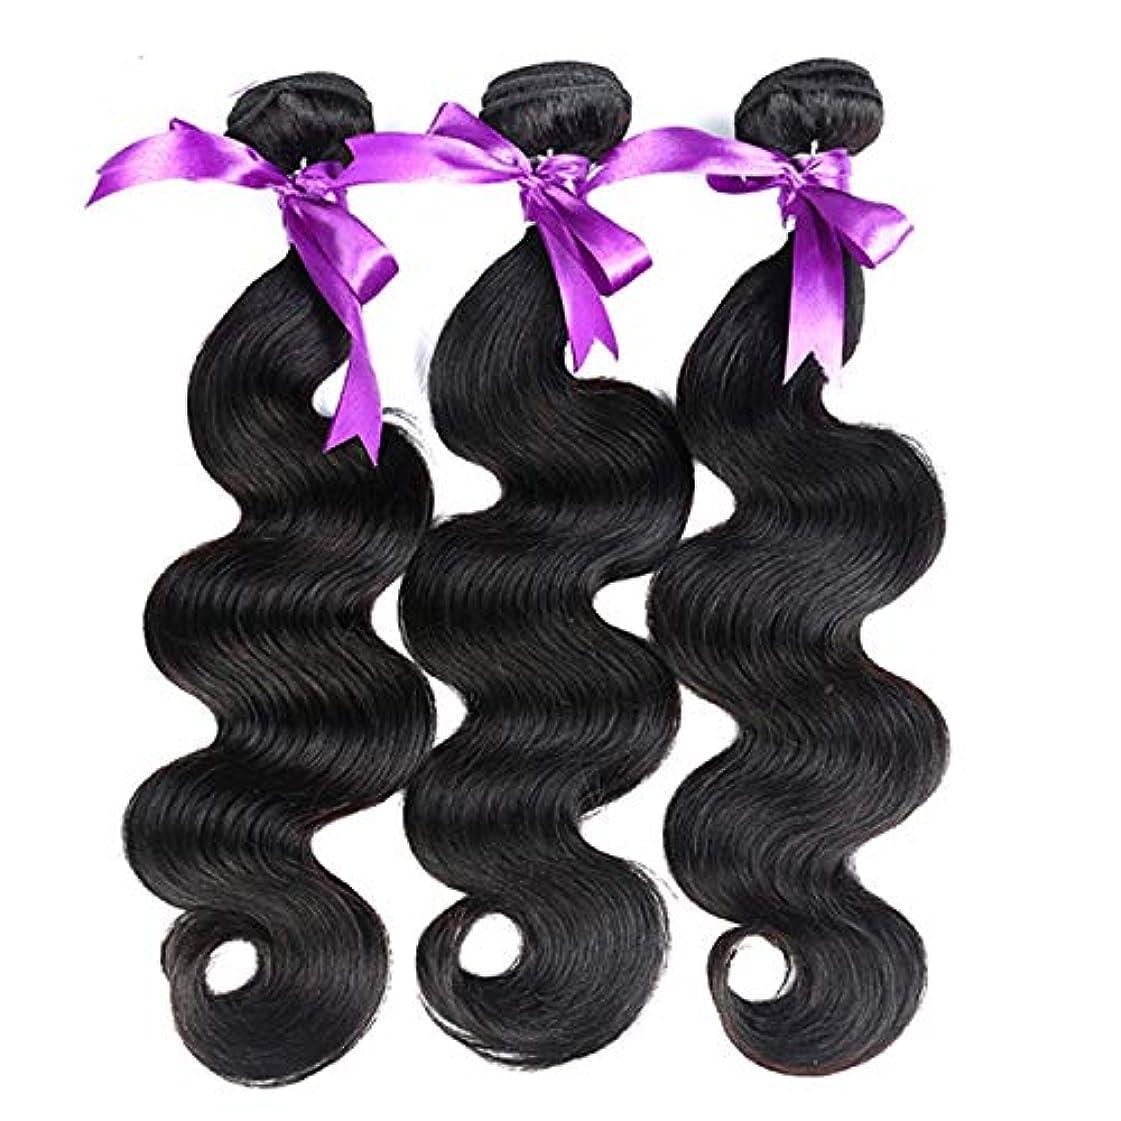 オートマトン季節にやにやかつら 髪マレーシア実体波髪3個人間の髪の束非レミーの毛延長8-28インチの体毛かつら (Length : 12 14 16)